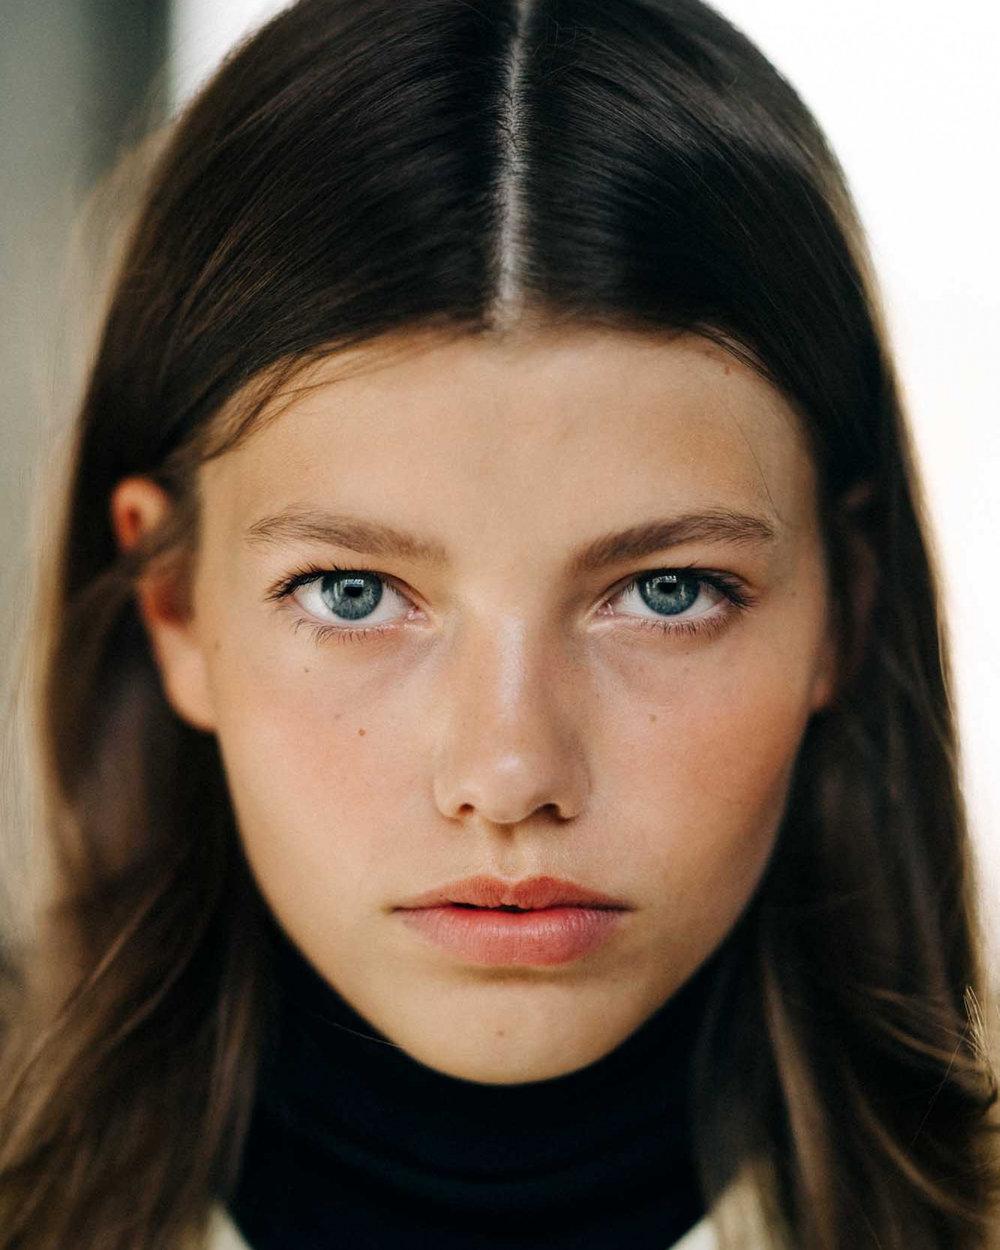 Mathilde-Sofie-Hess-Henning_AKS0254-2000x2500-c-default.jpg